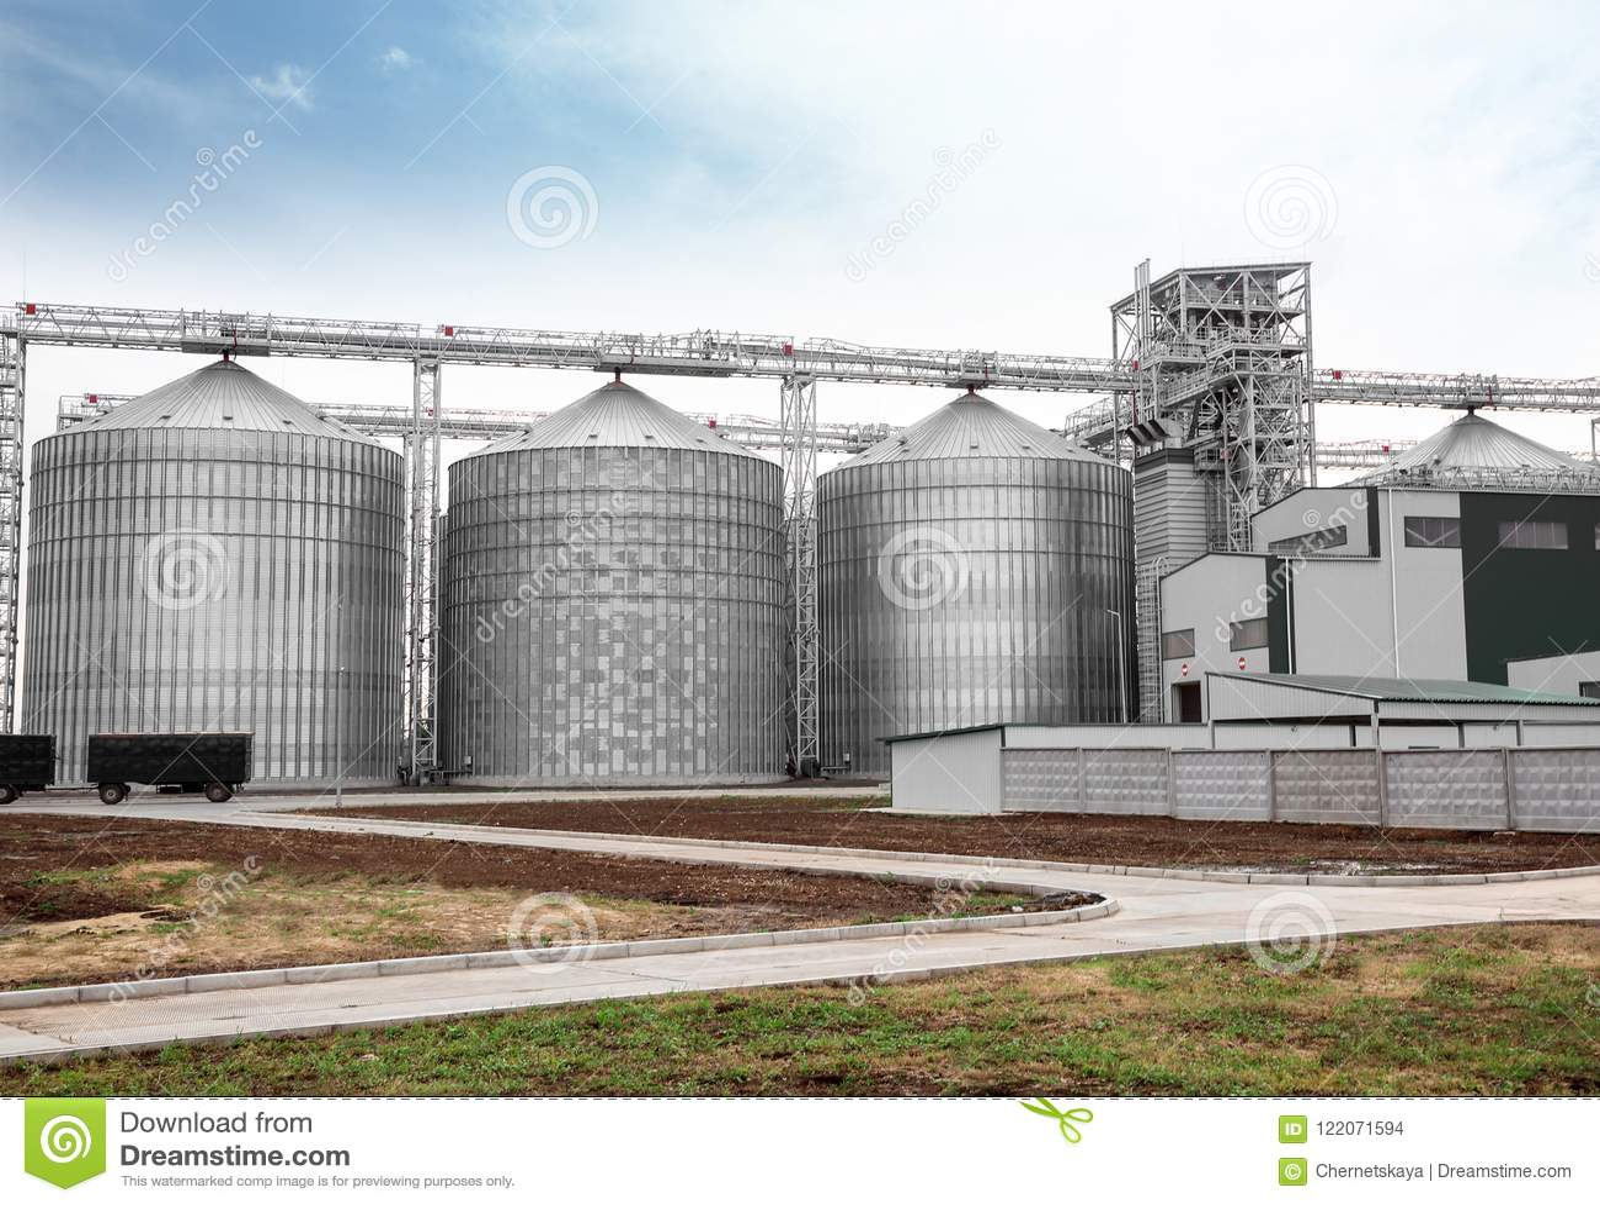 Rij van moderne graanschuuren voor het opslaan van korrels